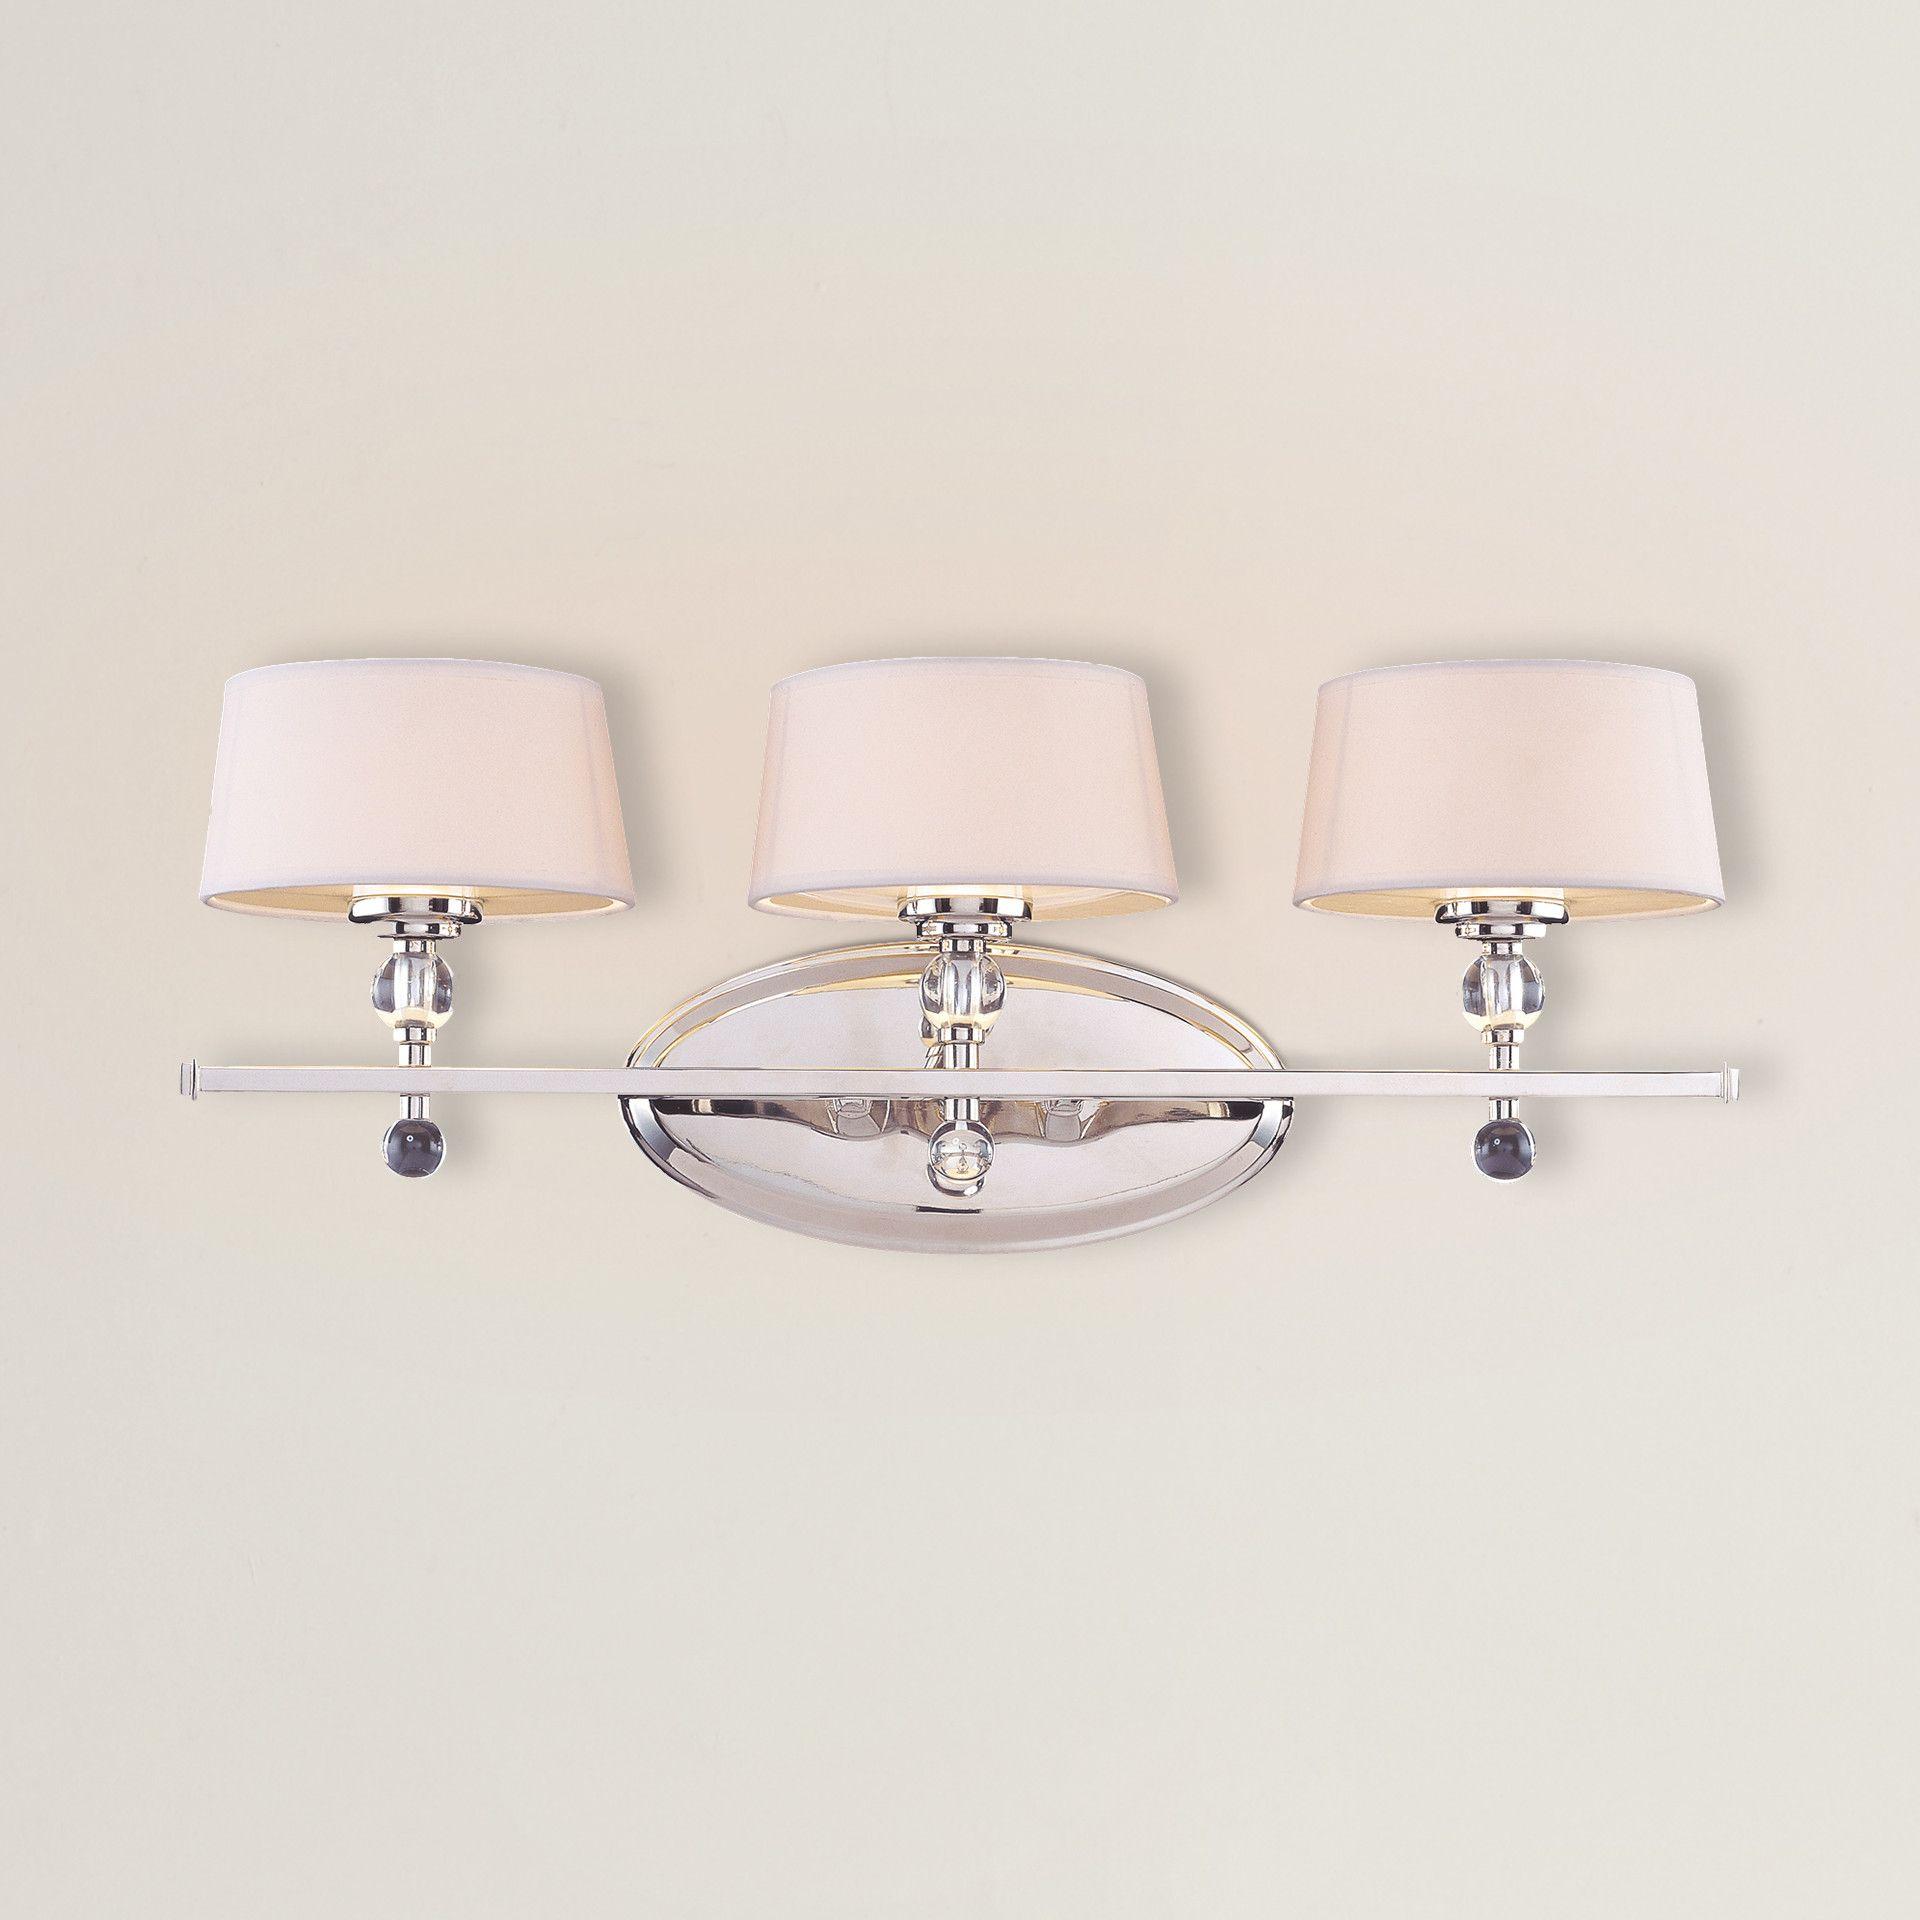 light ip vanity nuvo fixtures walmart bathroom lighting white com indoor